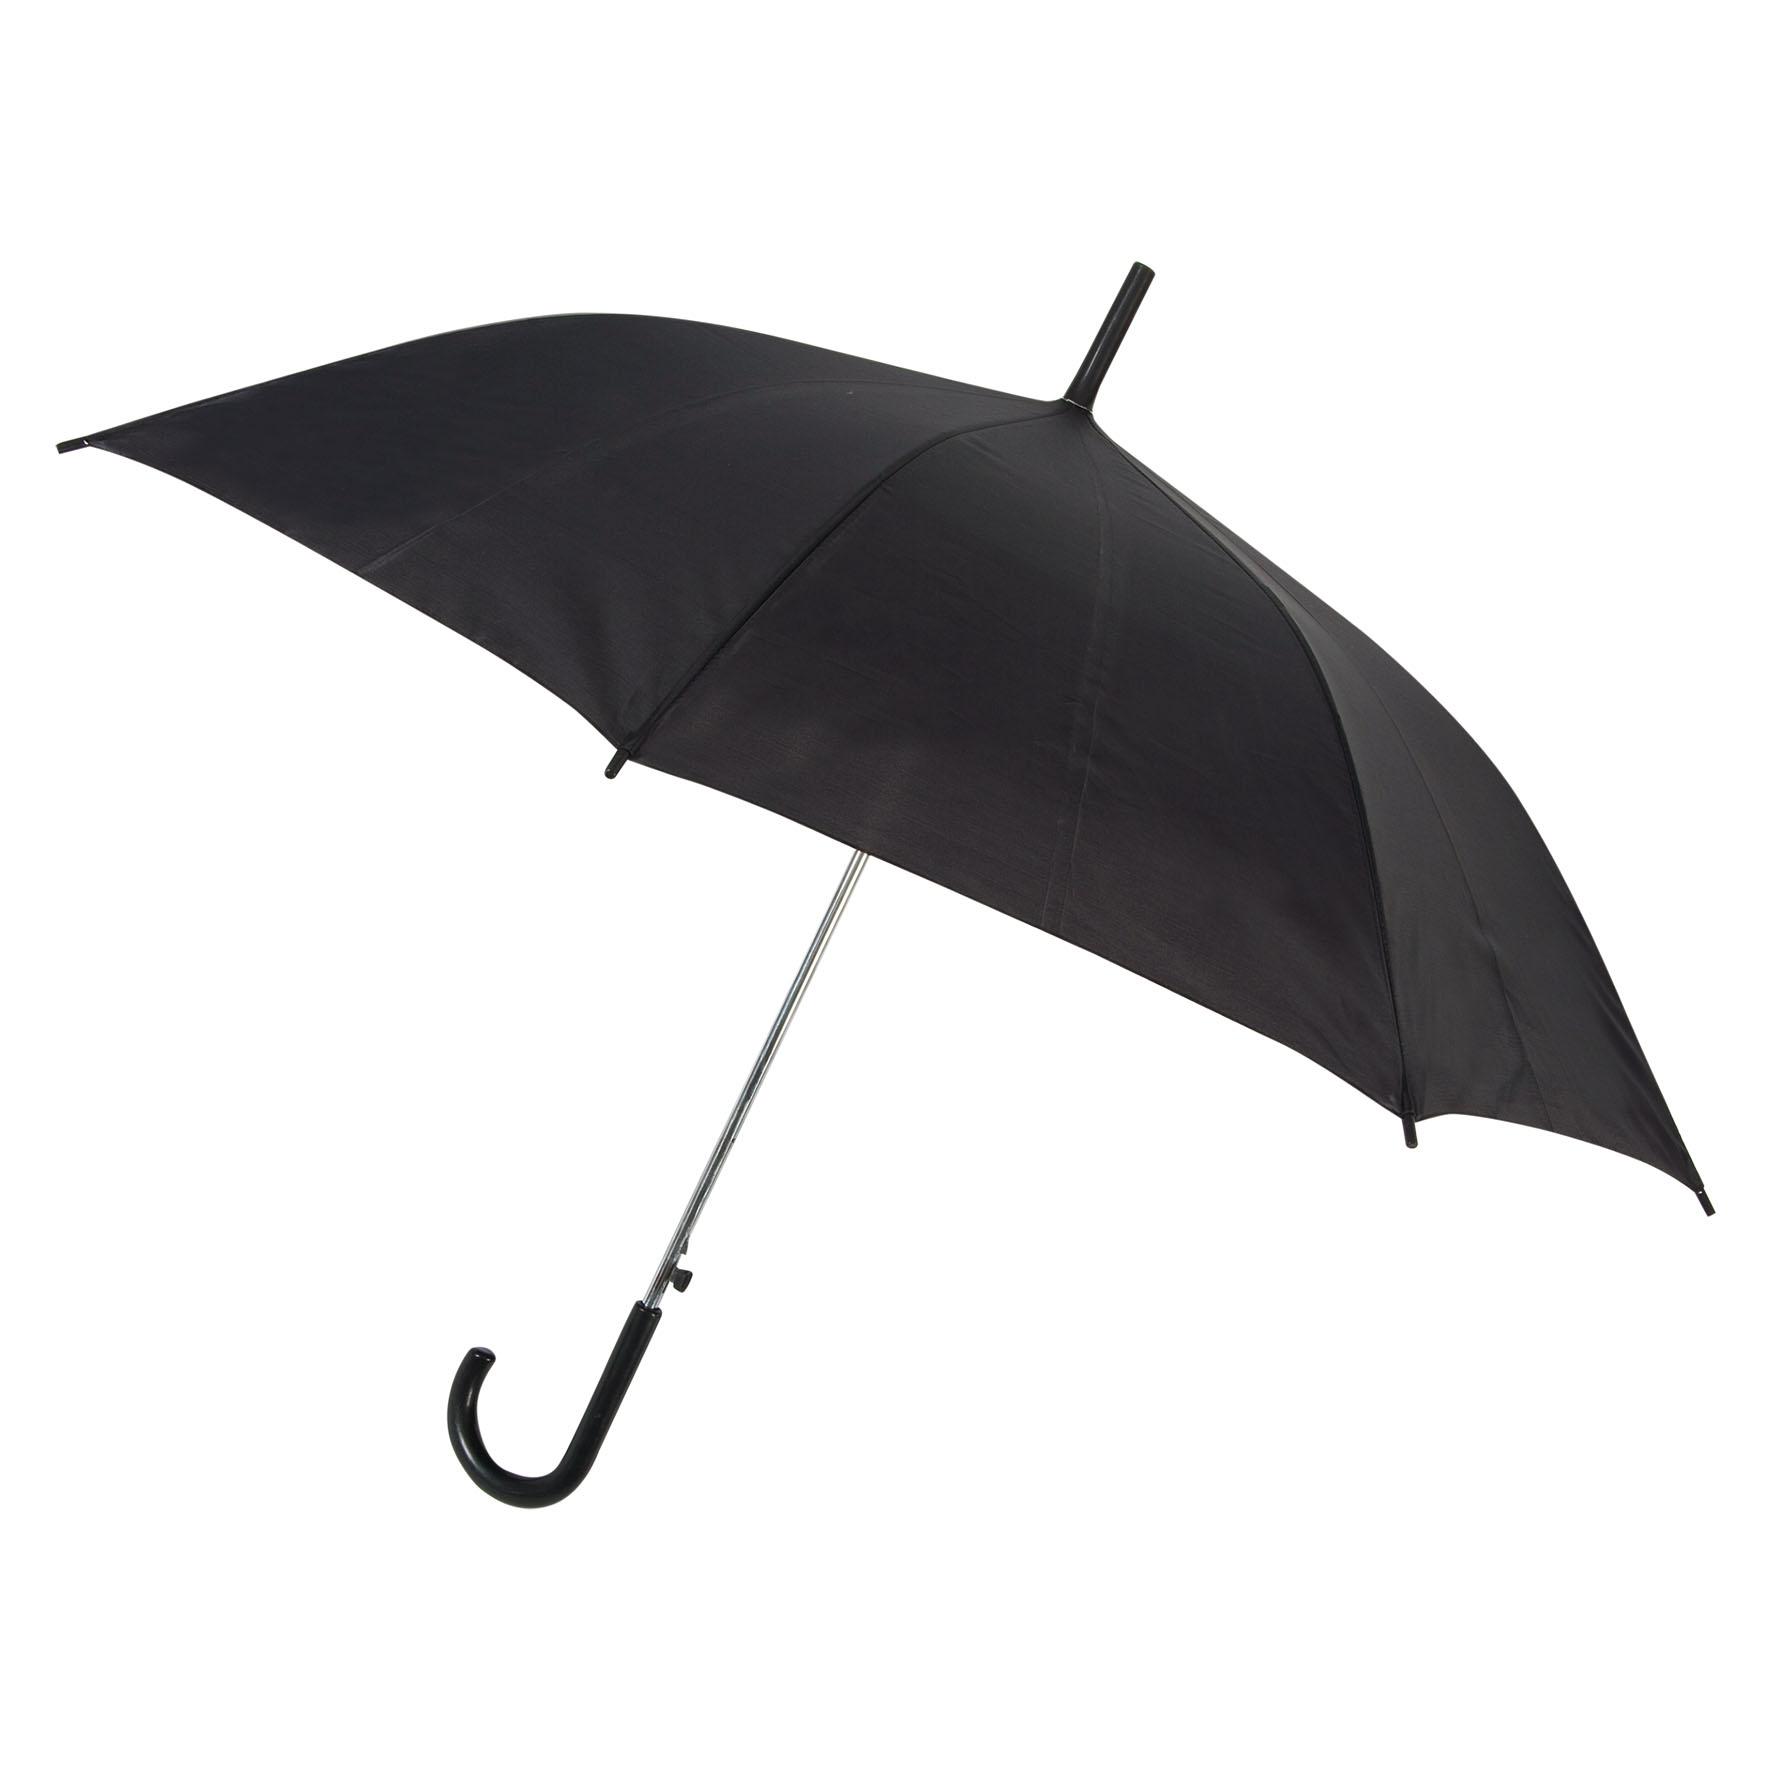 Parapluie publicitaire canne Glav - Parapluie personnalisable - vert